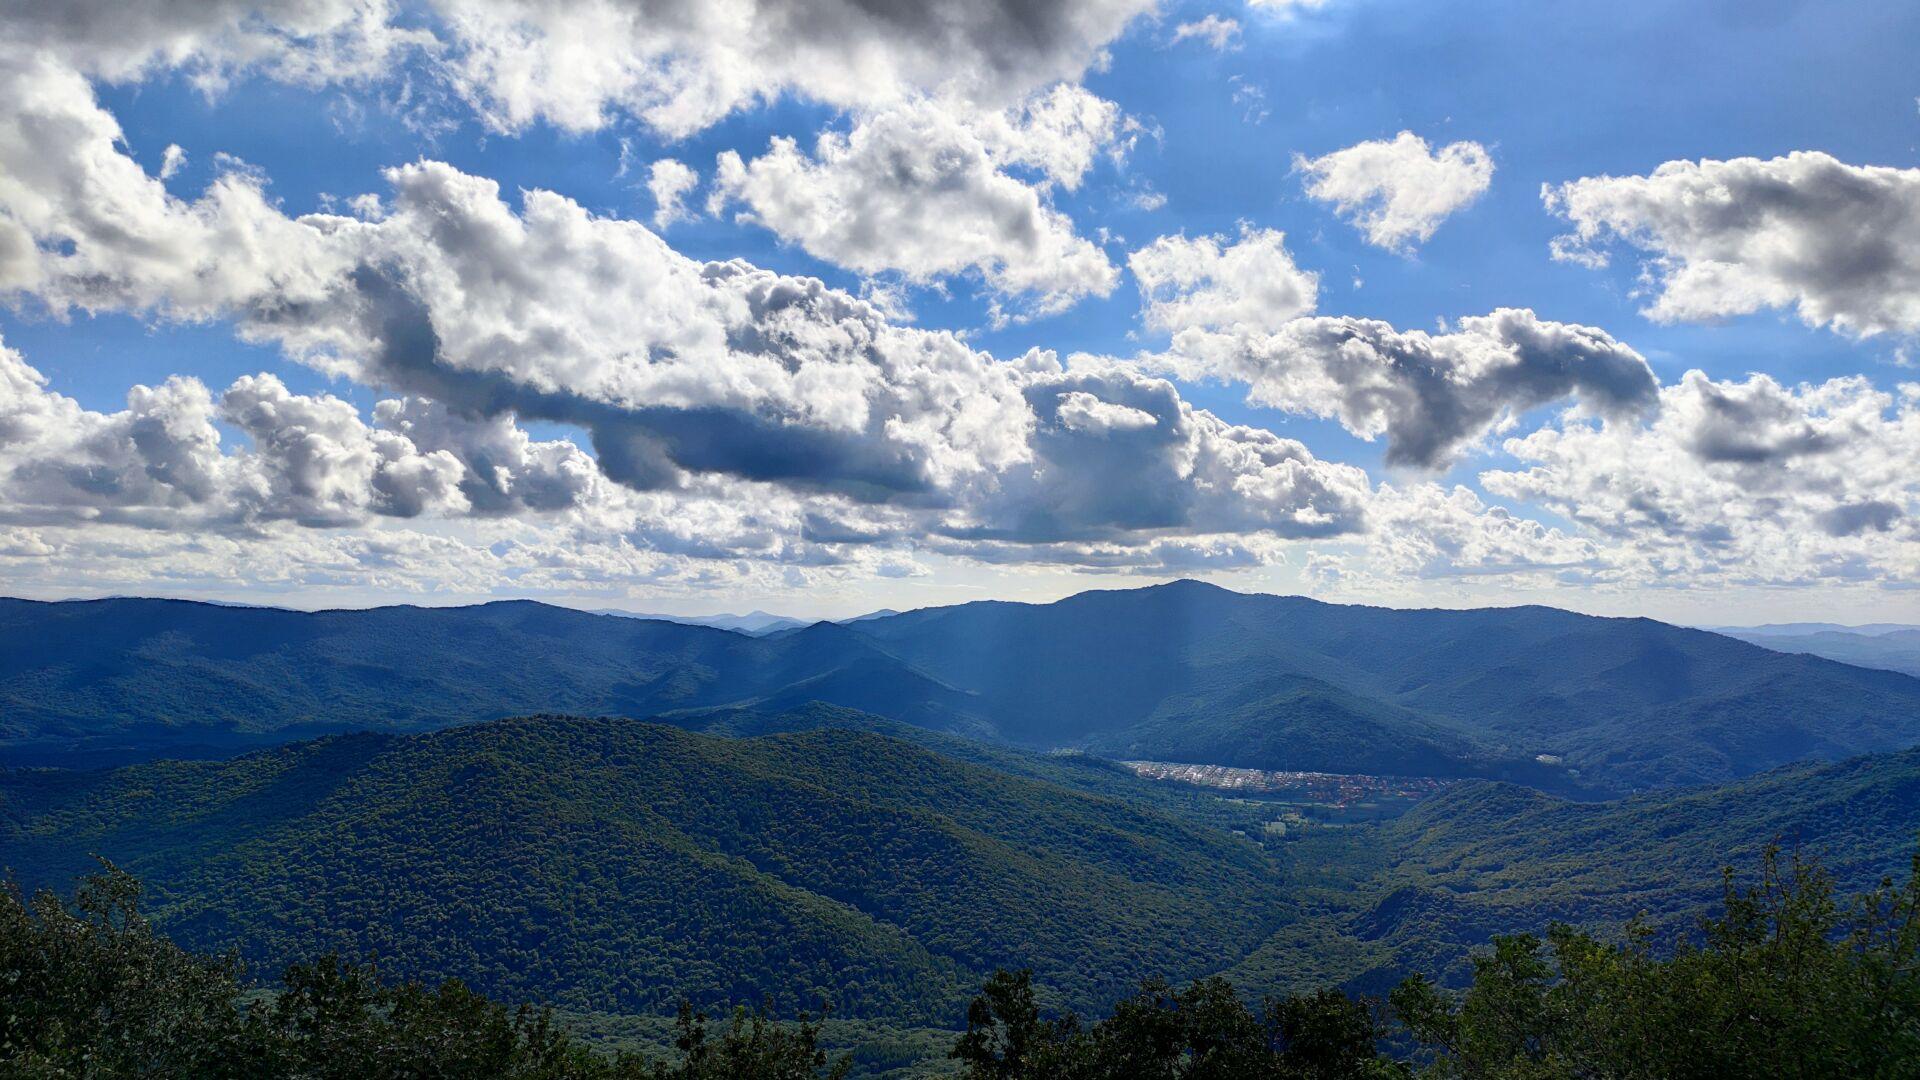 山上的风景